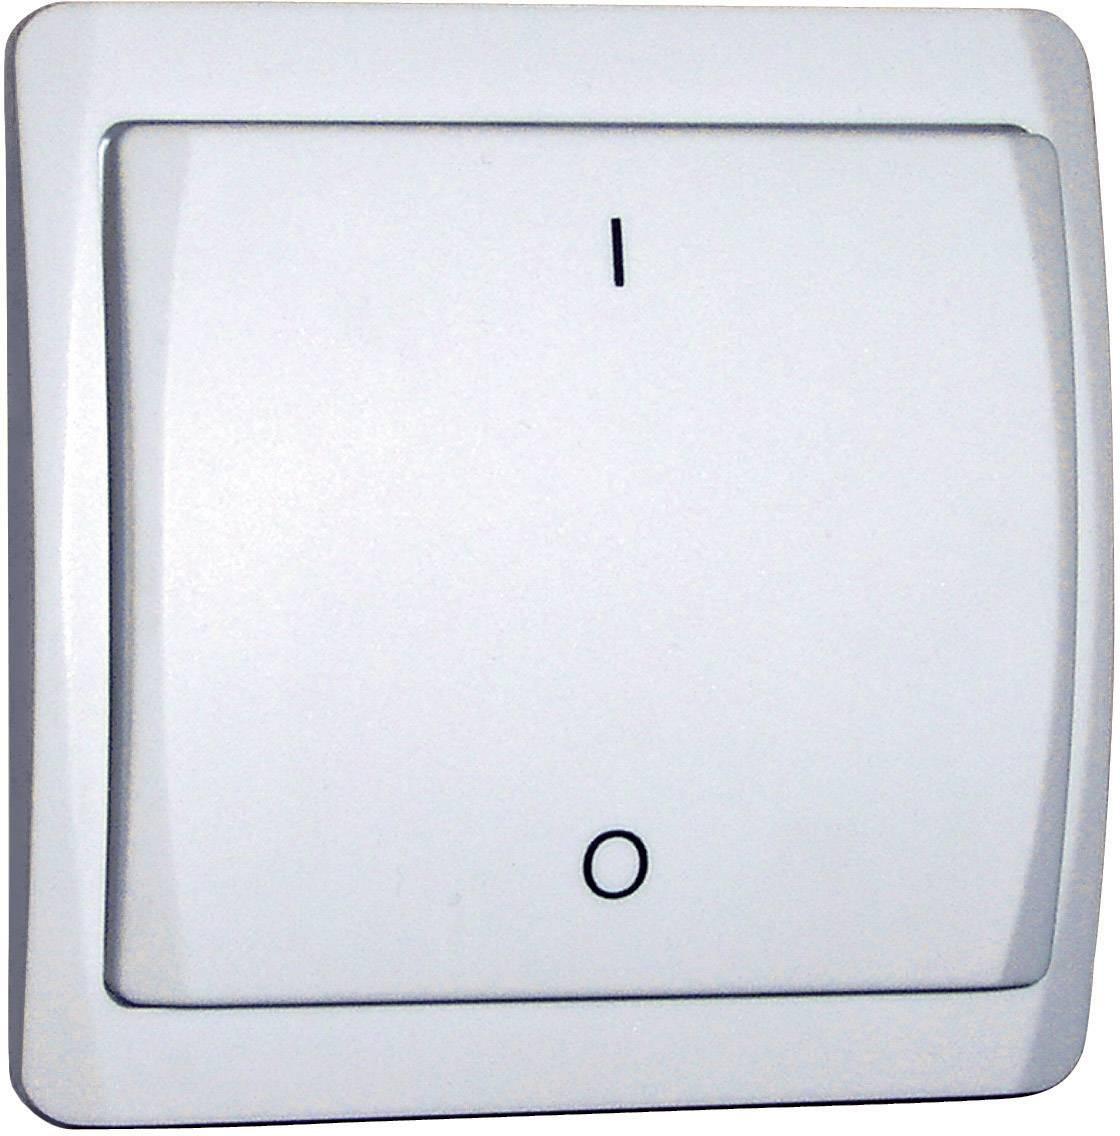 Bezdrôtový nástenný vysielač RSLT1, 1 kanál